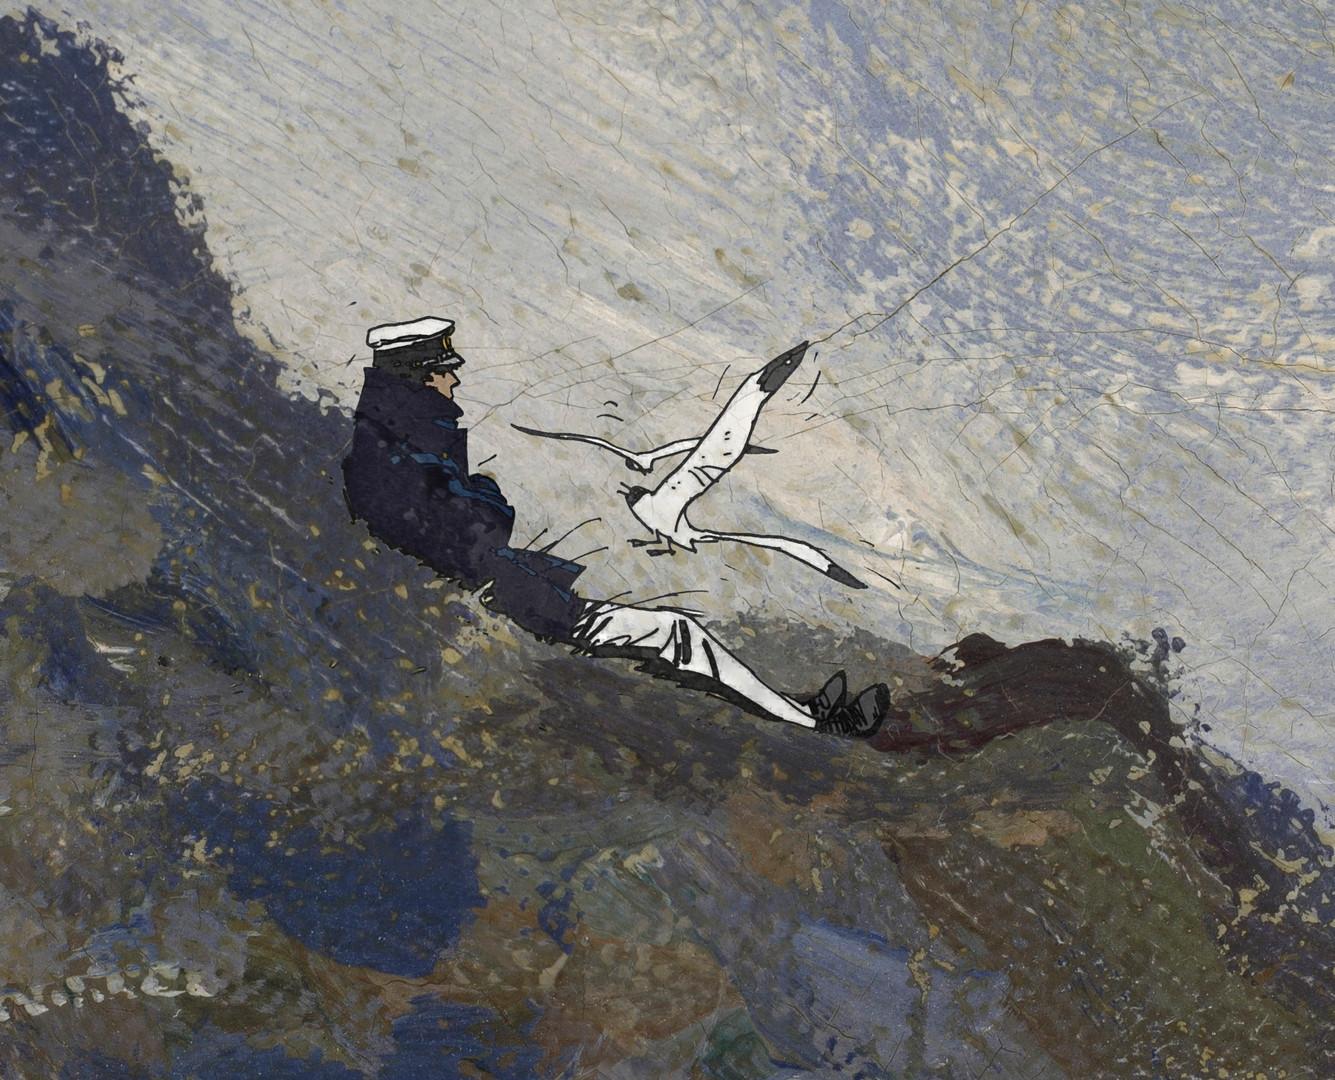 Capture d'écran 2020-05-04 à 10.51.20.jp